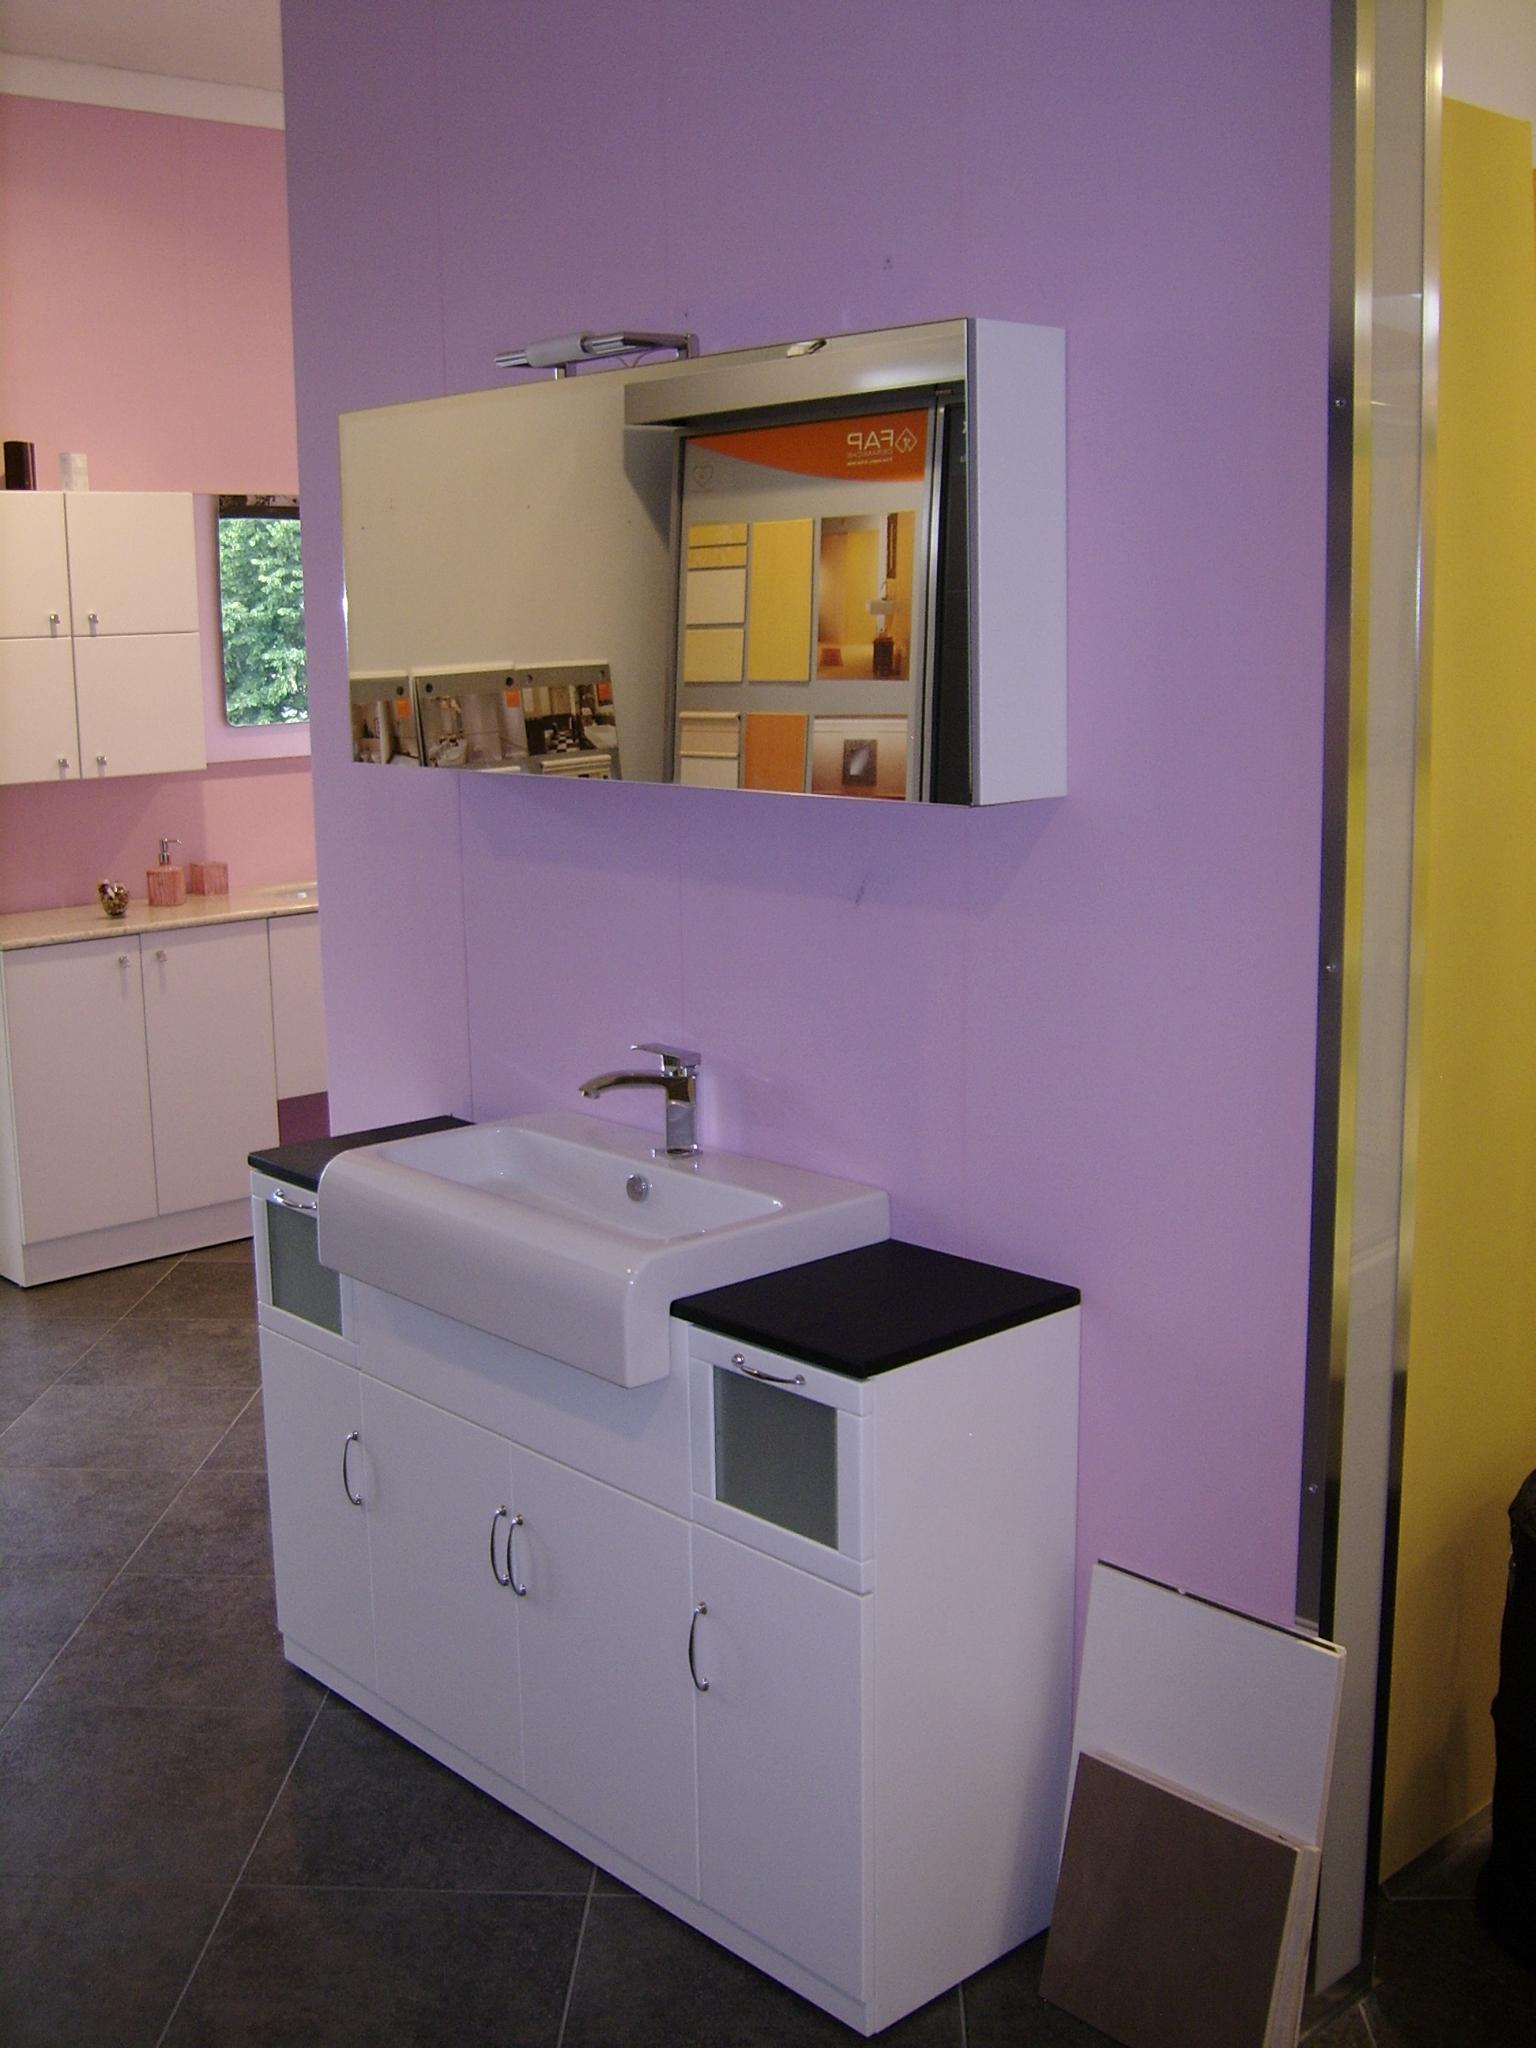 Arredo bagno torino immagini ispirazione sul design casa for Arredo bagno torino aperto domenica